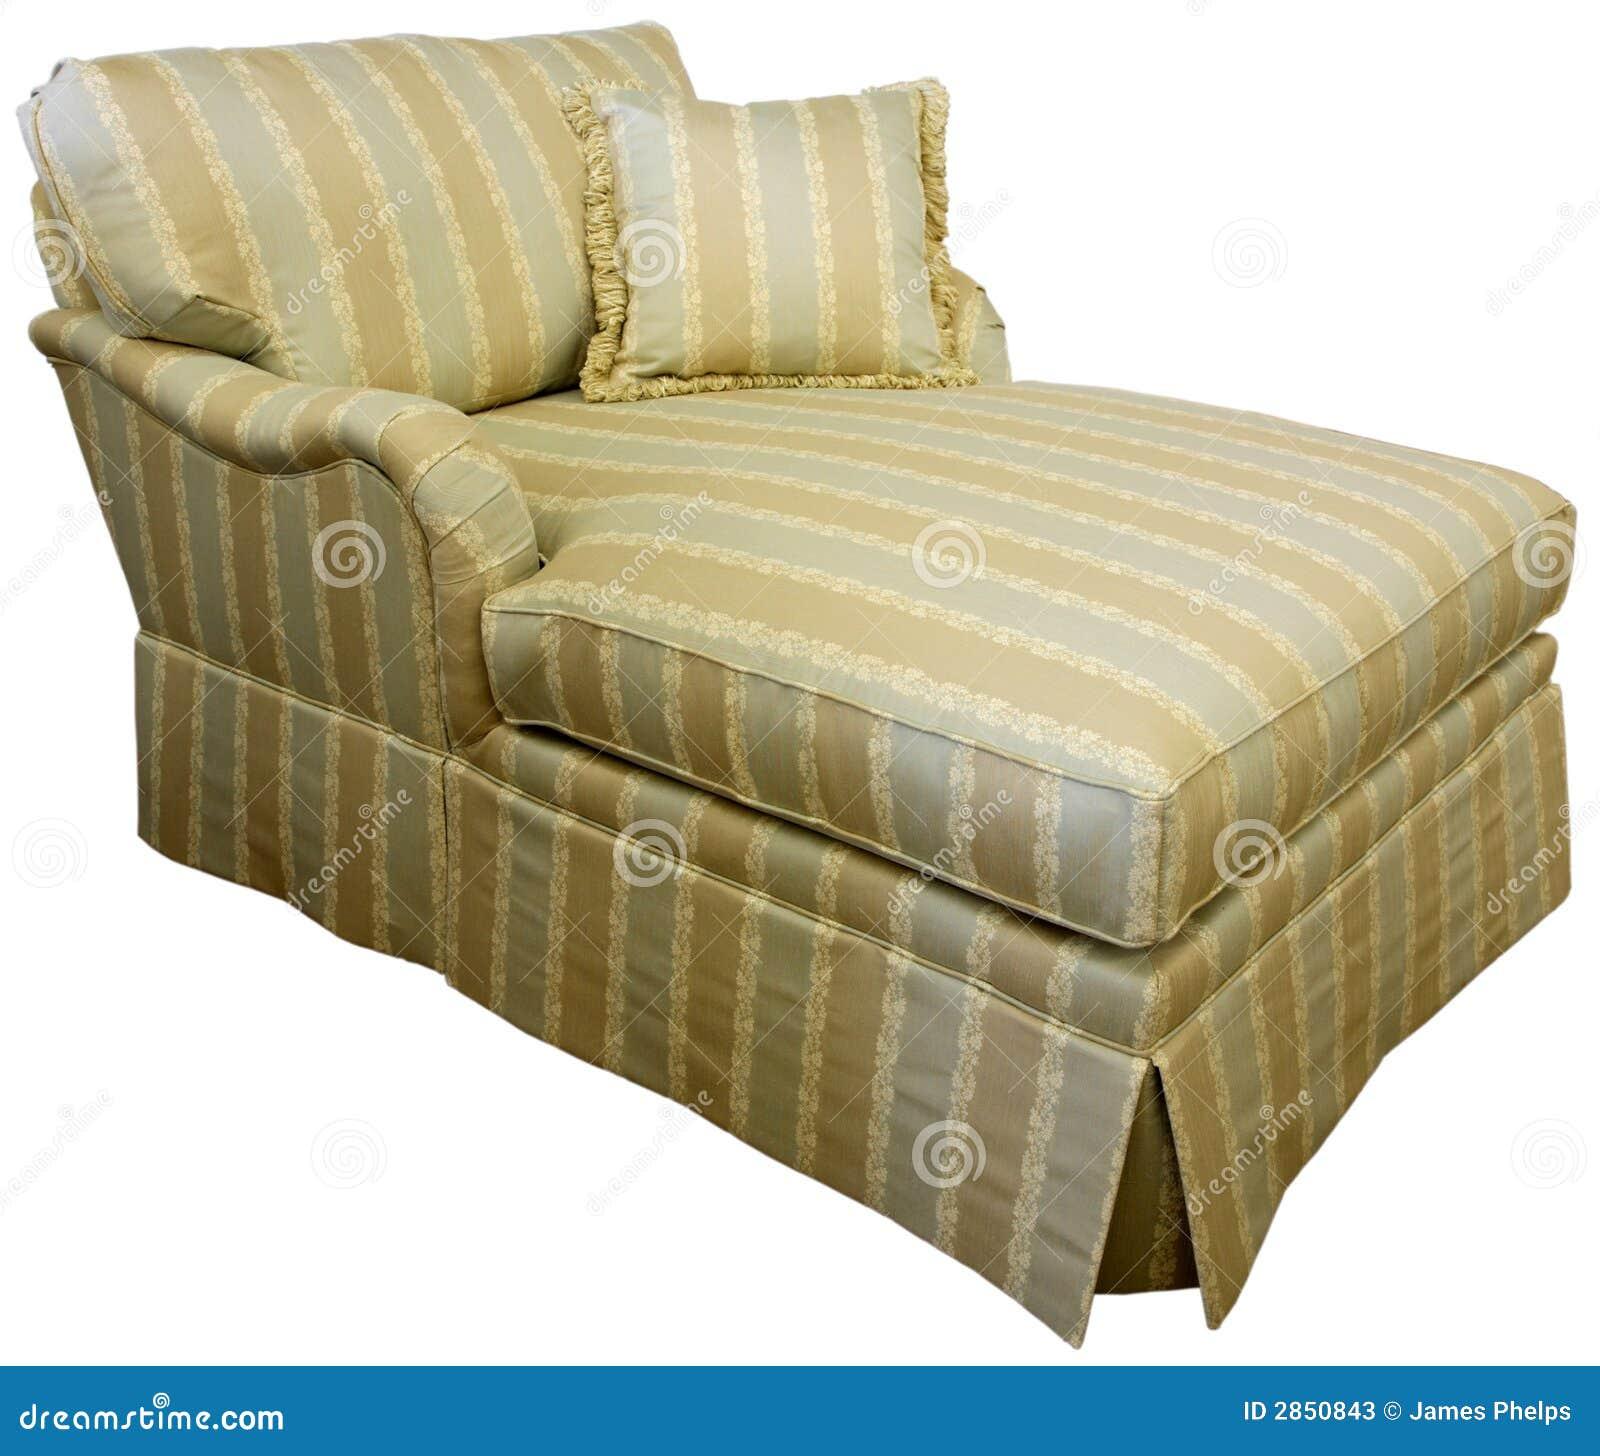 Sofa de salon de cabriolet image stock image du sofa - Sofa para salon ...